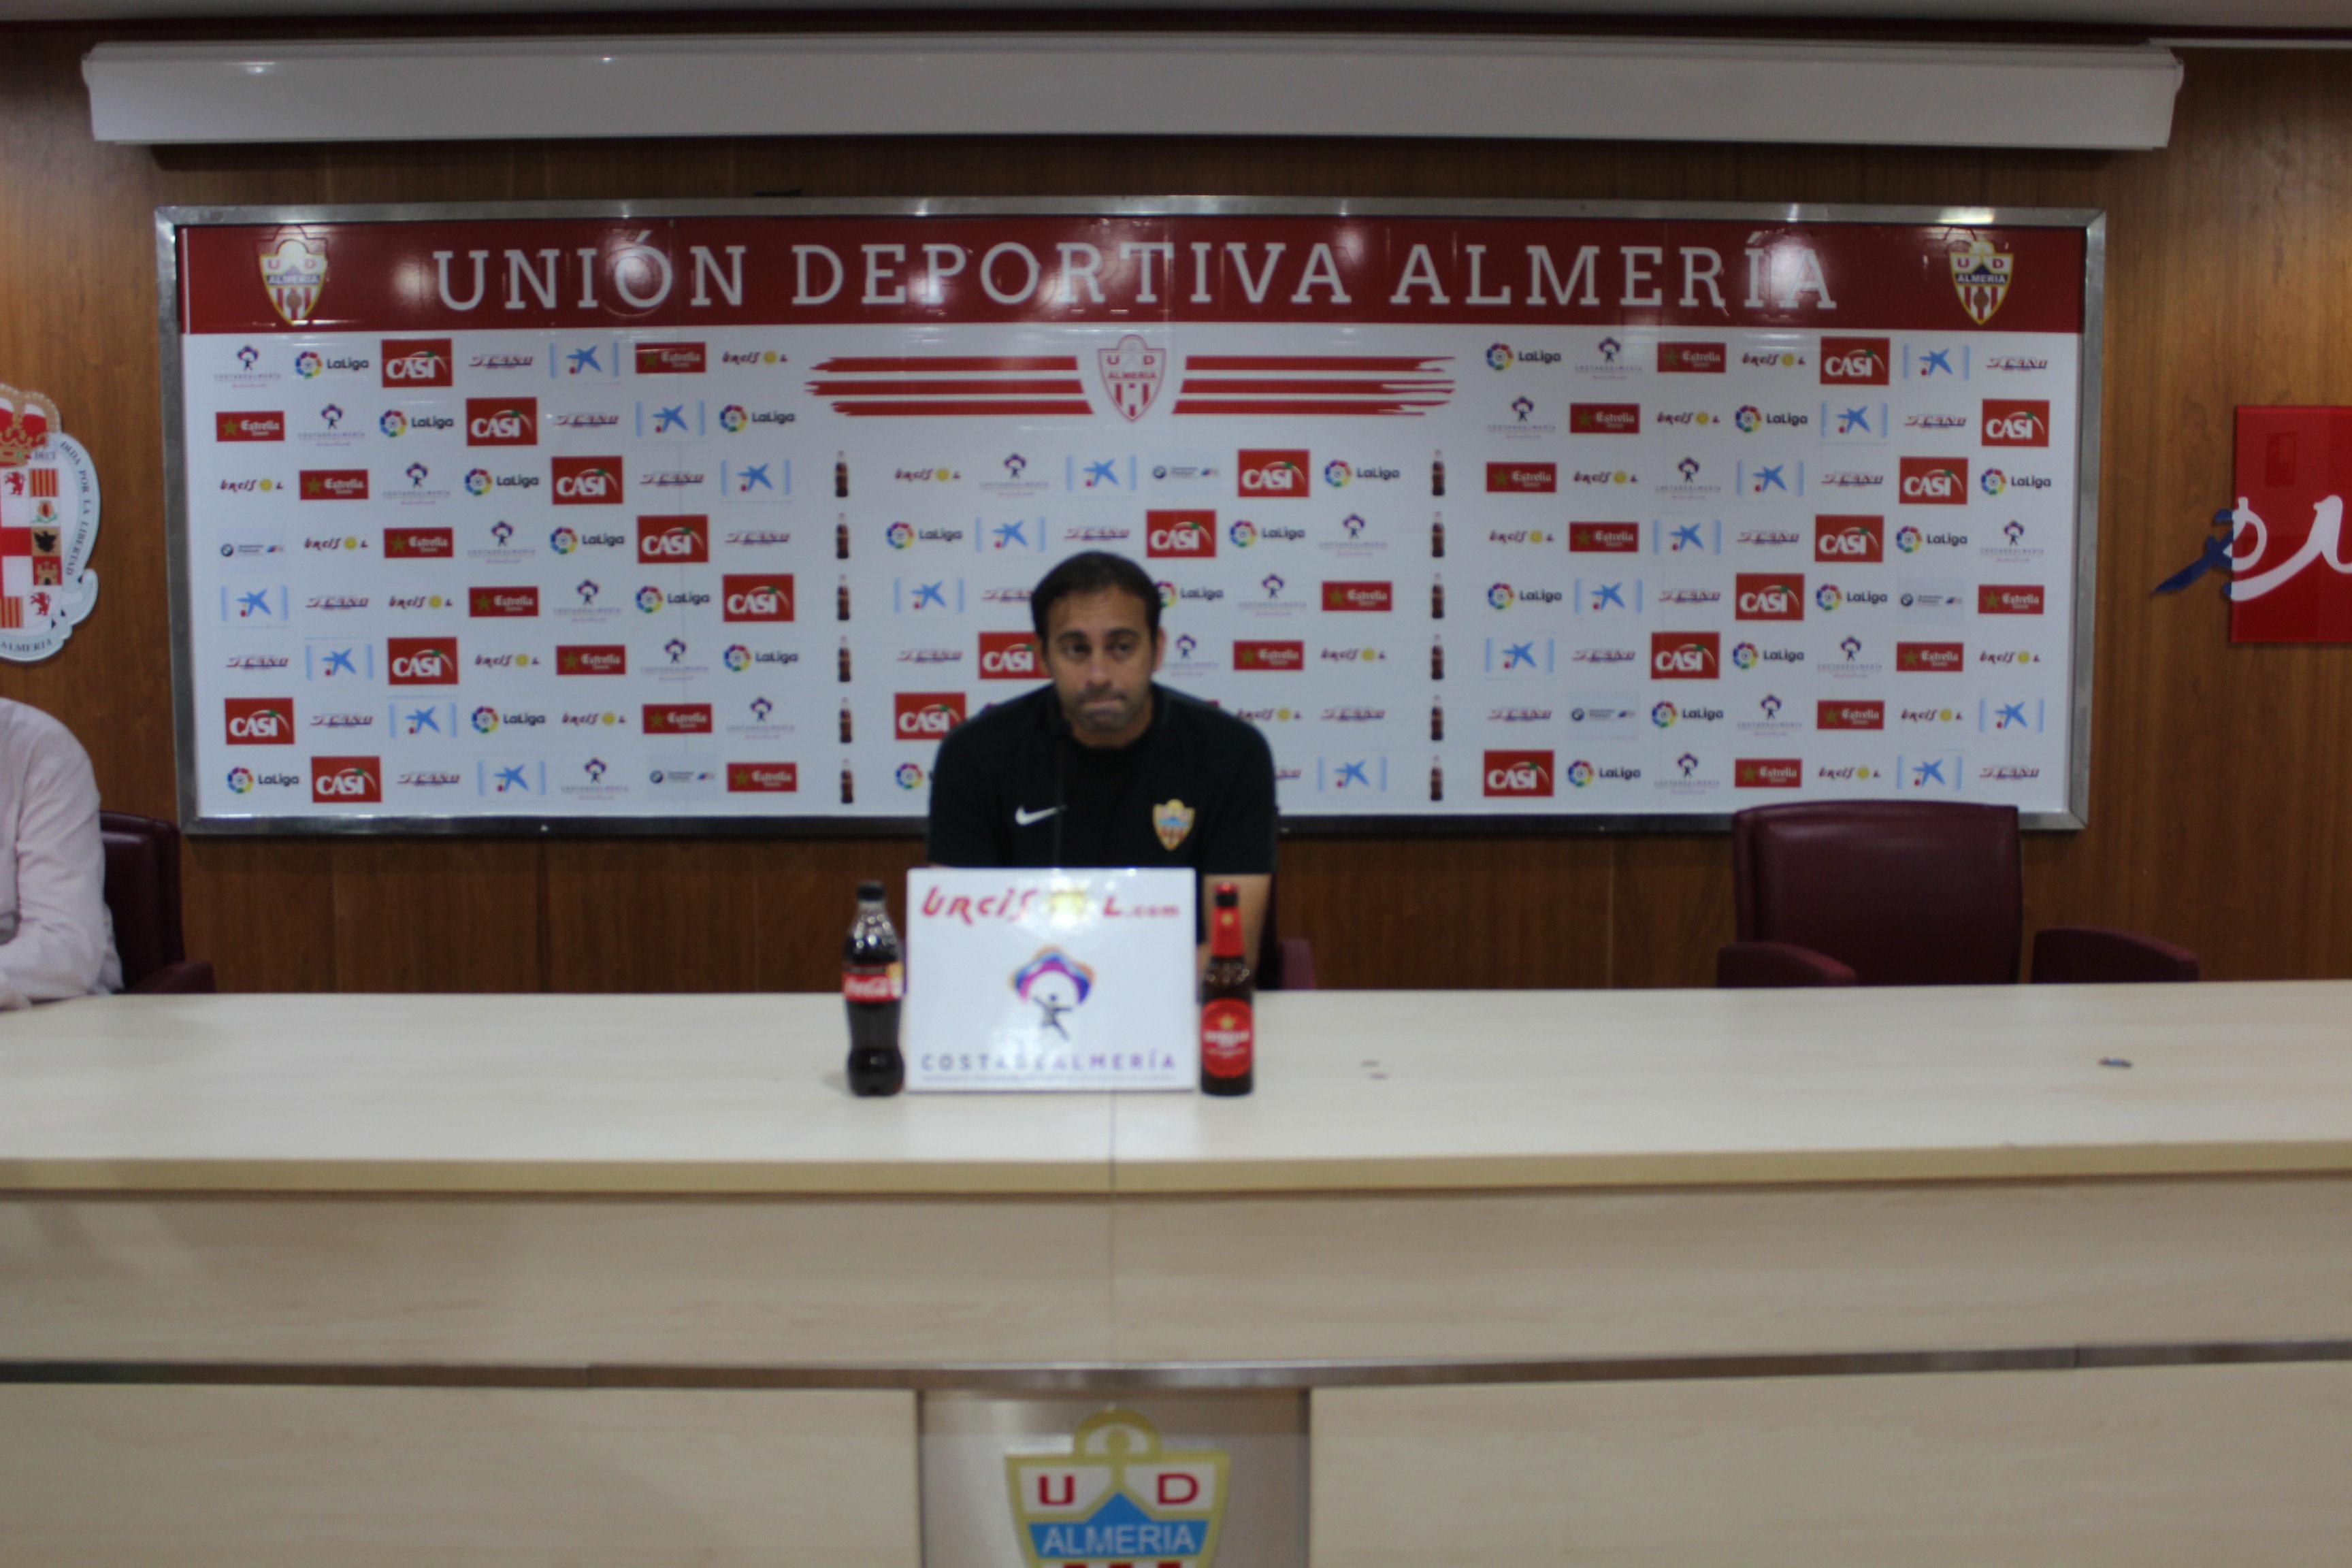 Rueda de prensa de UD Almeria